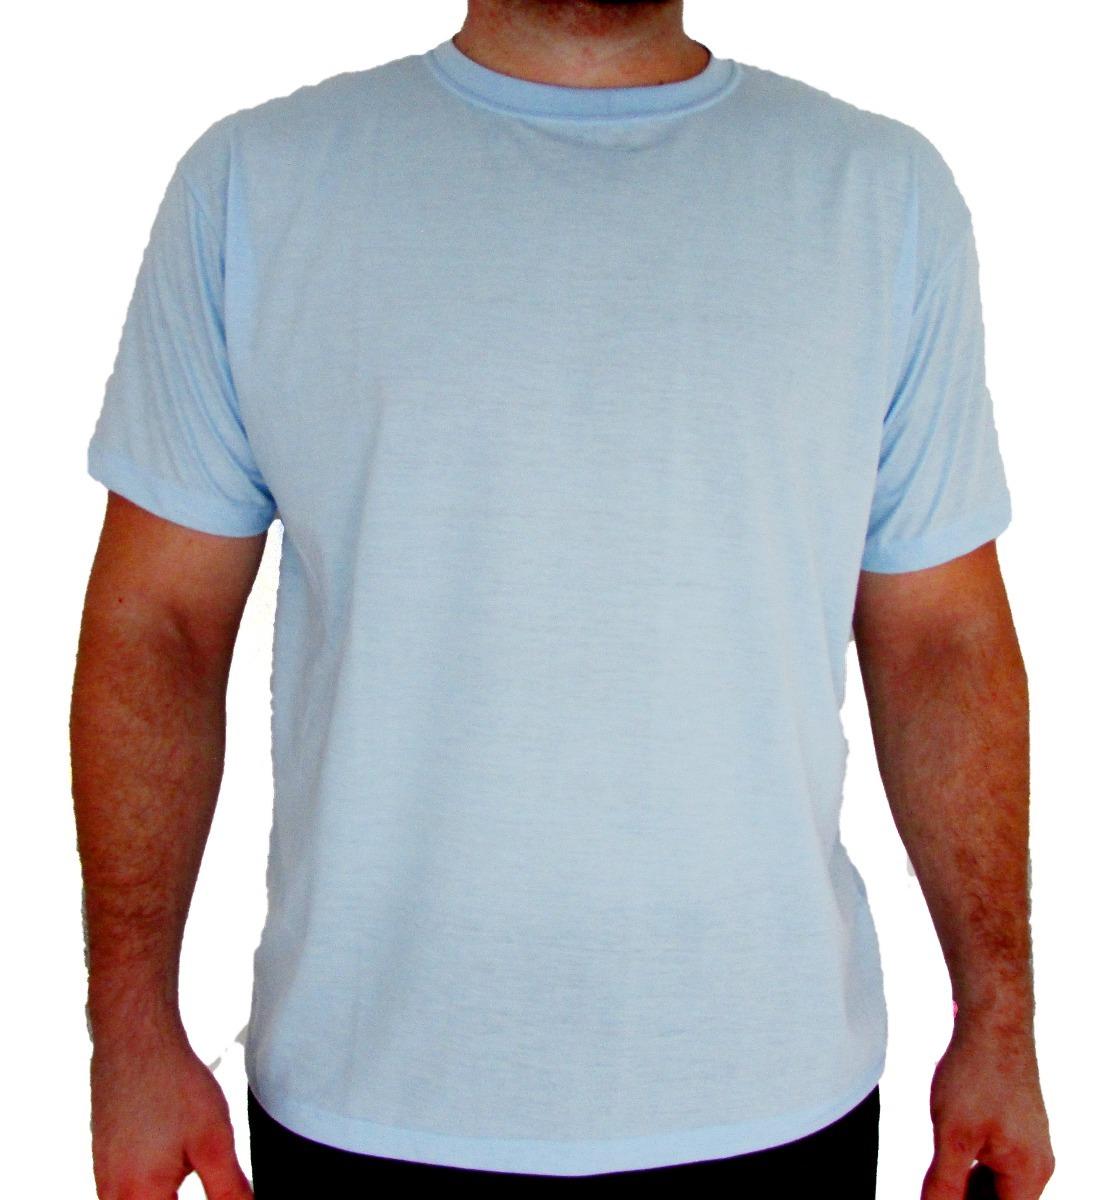 Kit 30 Camisetas Fio 30 1 Penteado 100% Poliéster Sublimação - R  399 a8dcc0e1b41e9